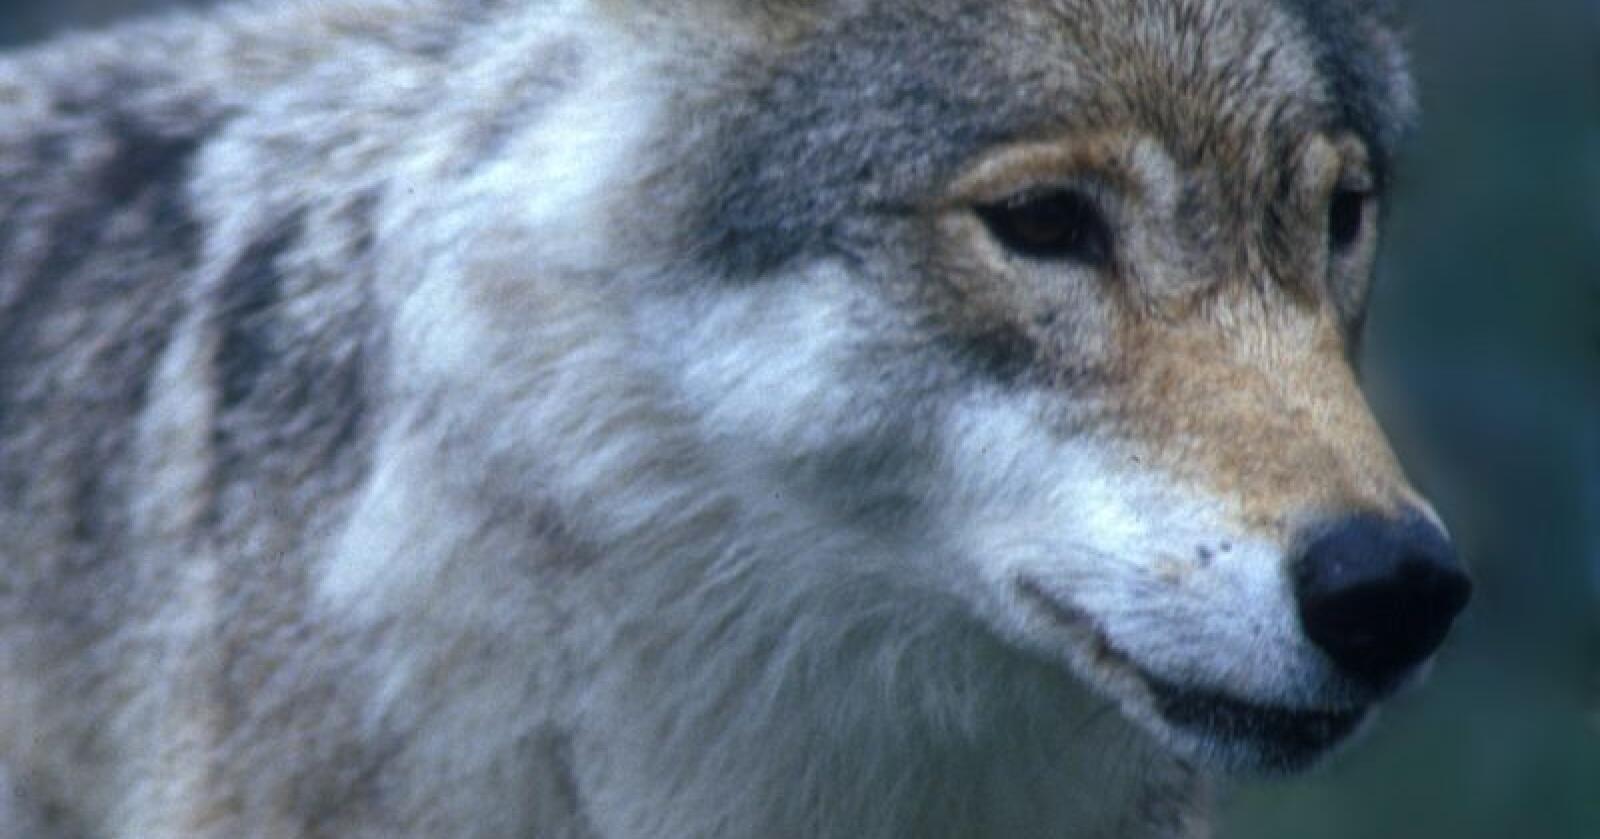 Danmarks miljøminister har iverksatt et pilotprosjekt hvor vakthunder skal hindre at ulv går til angrep på beitedyr. Illustrasjonsfoto Per Løchen / NTB scanpix.